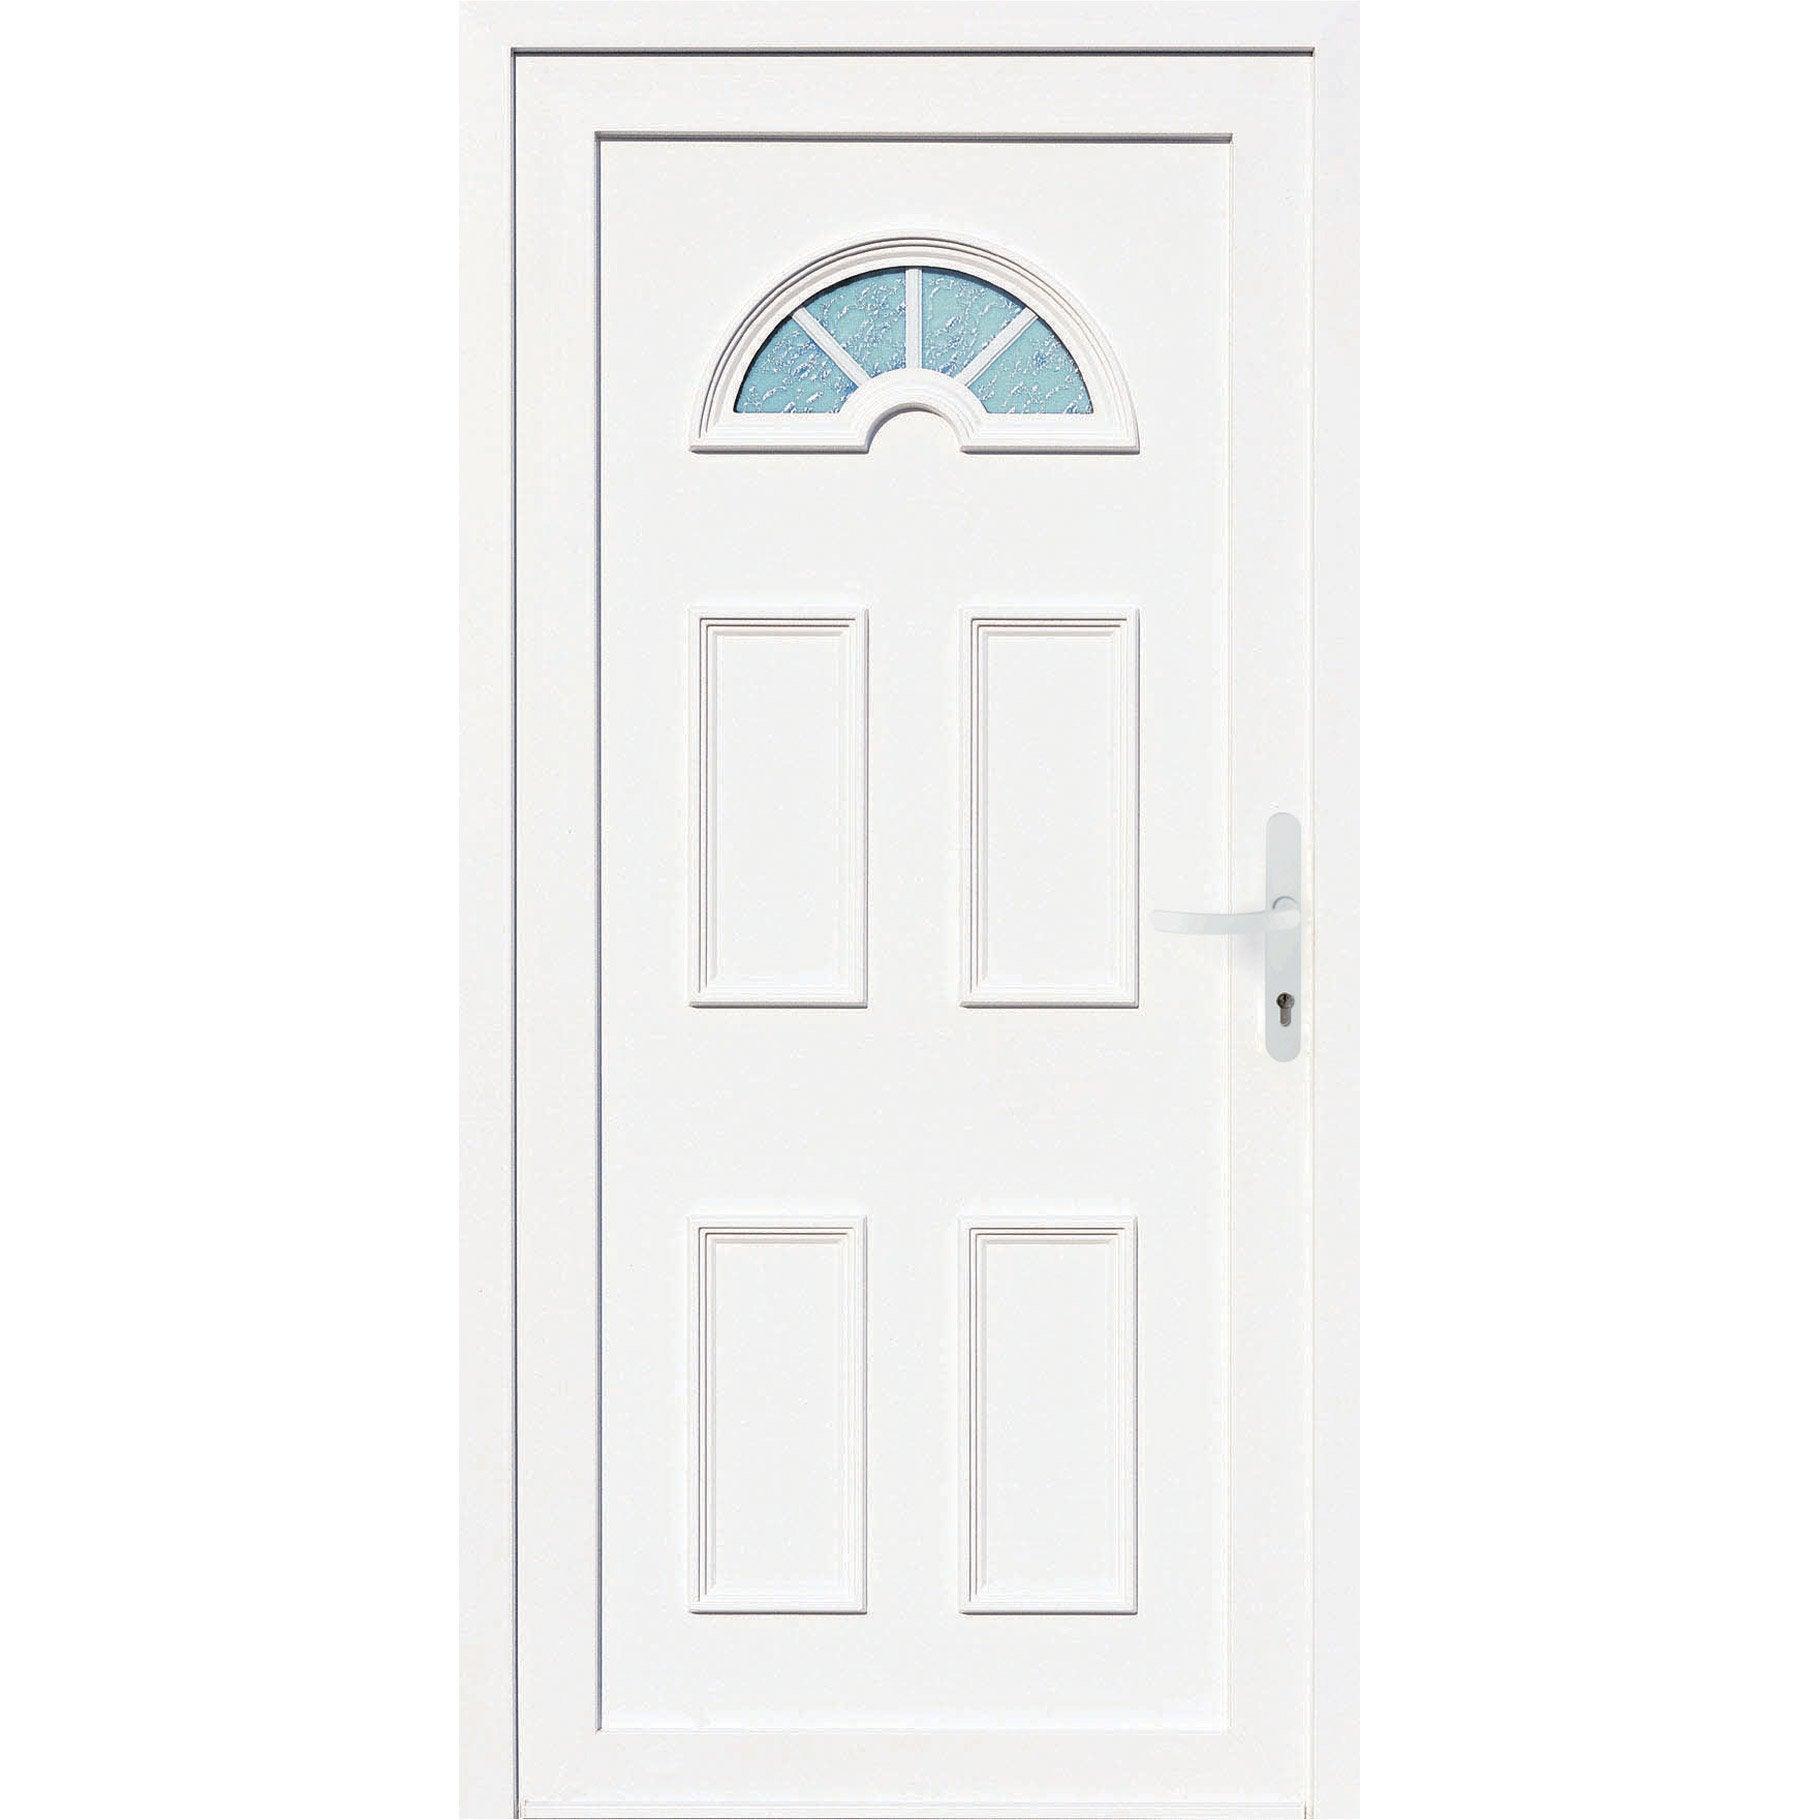 Comment Peindre Une Porte En Pvc porte d'entrée pvc elégance 2 primo h.215 x l.90 cm vitrée blanc, poussant  droit